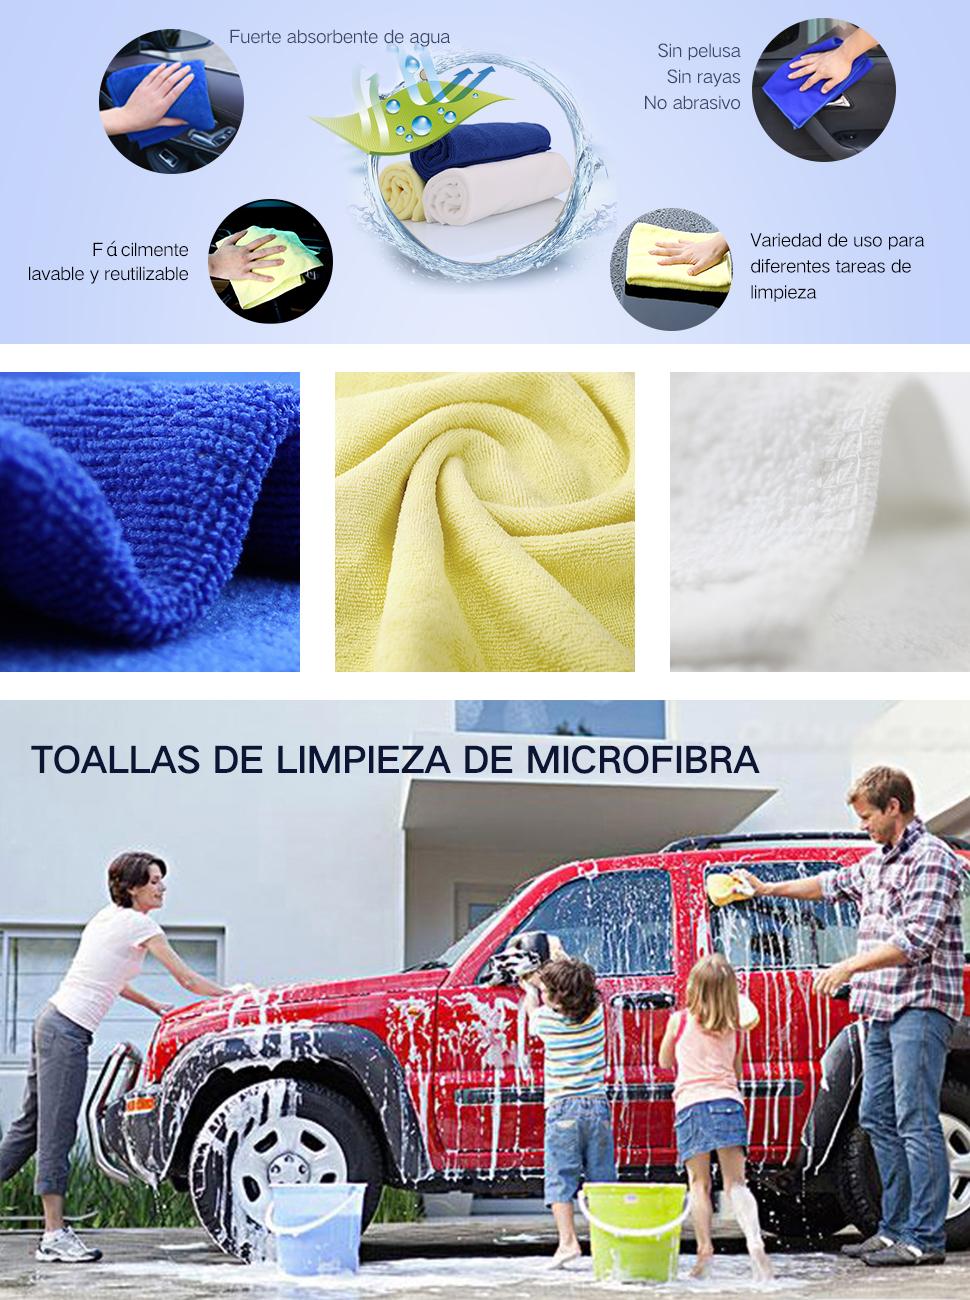 Toallas de limpieza de microfibra PUSHIDUN Toalla de limpieza para el hogar, para el hogar Paño de limpieza fuerte, paquete de 3